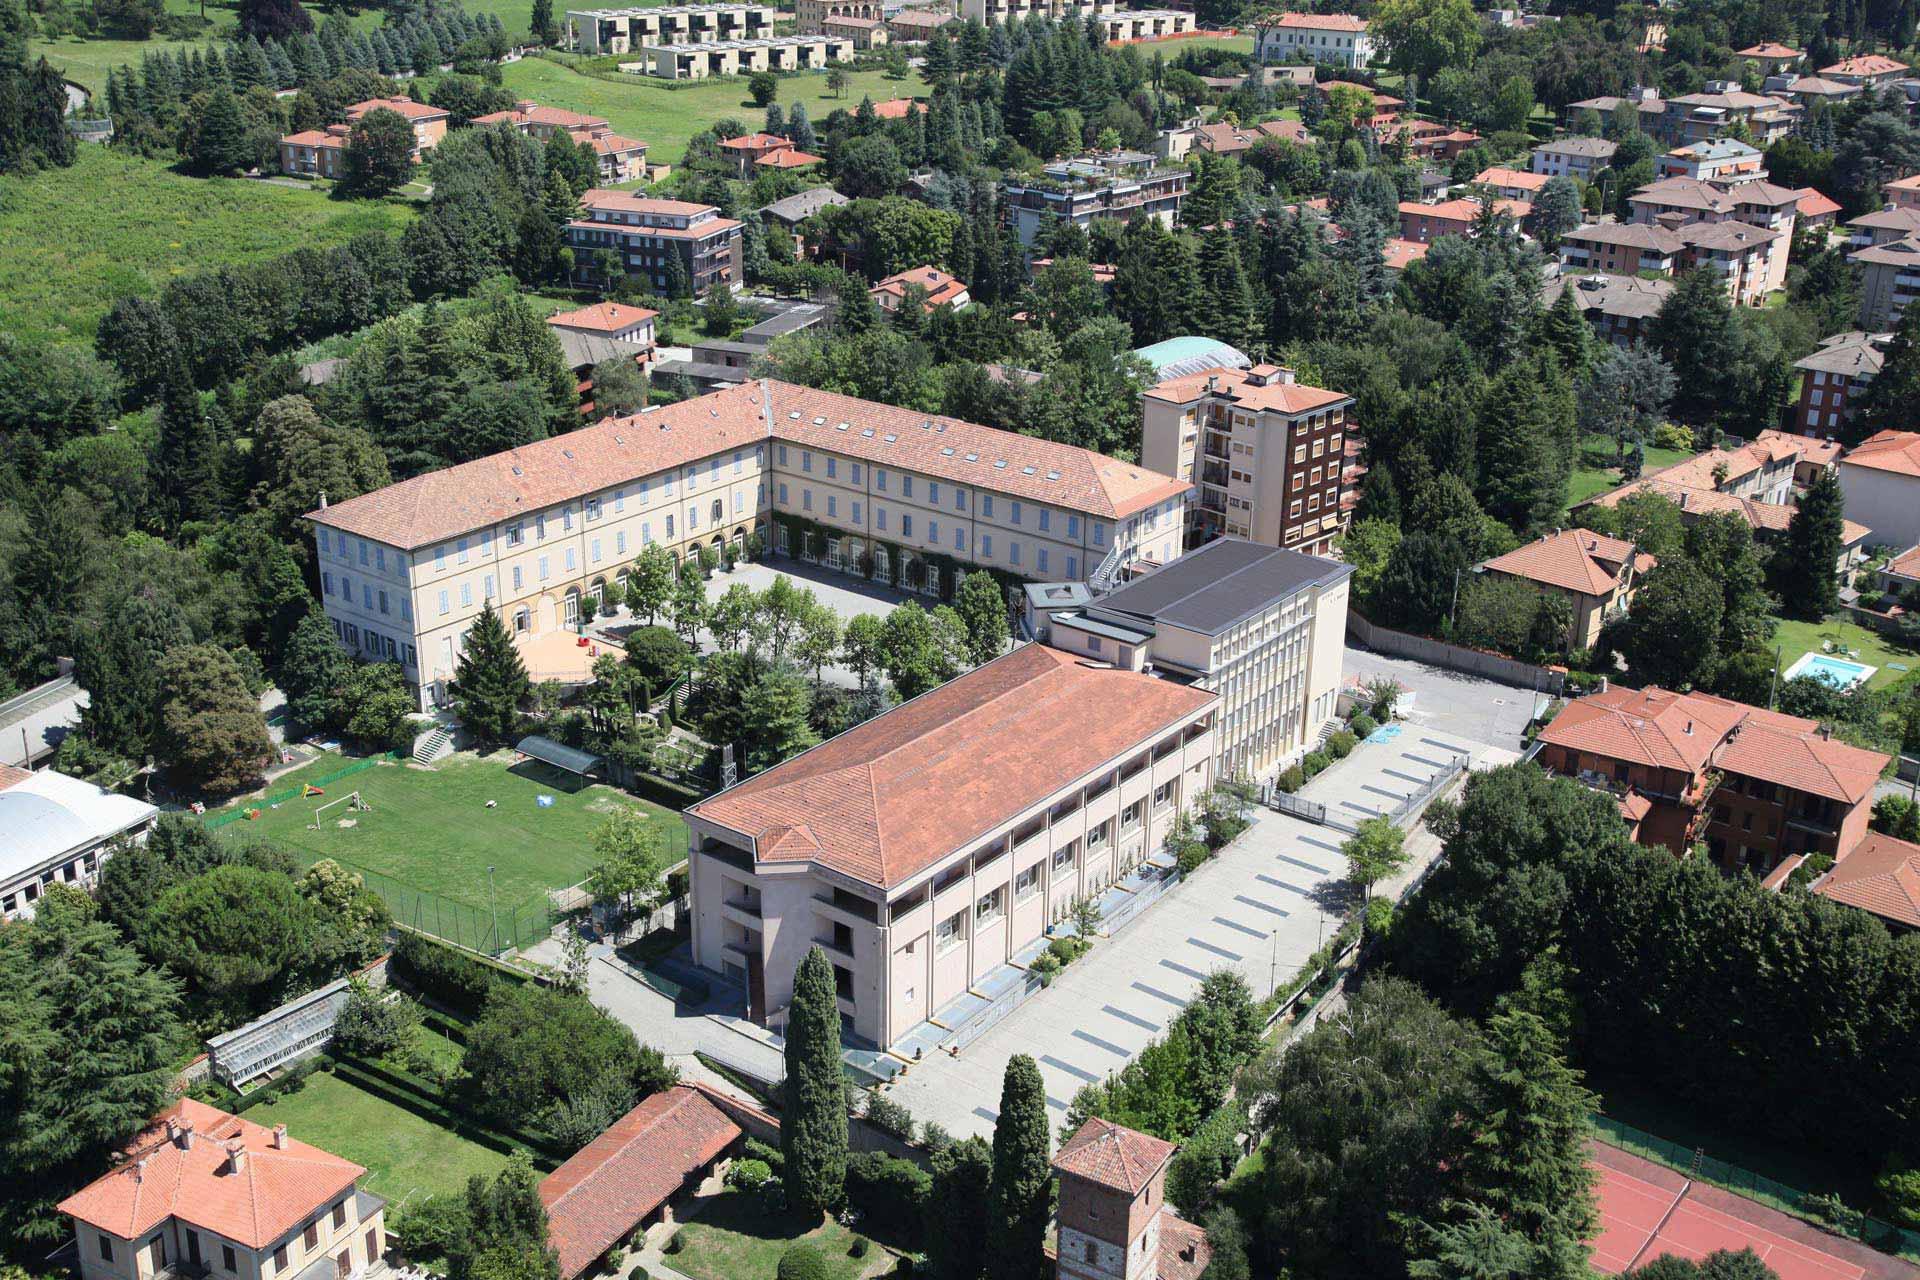 La sede di Merate del Collegio Villoresi vista dall'alto